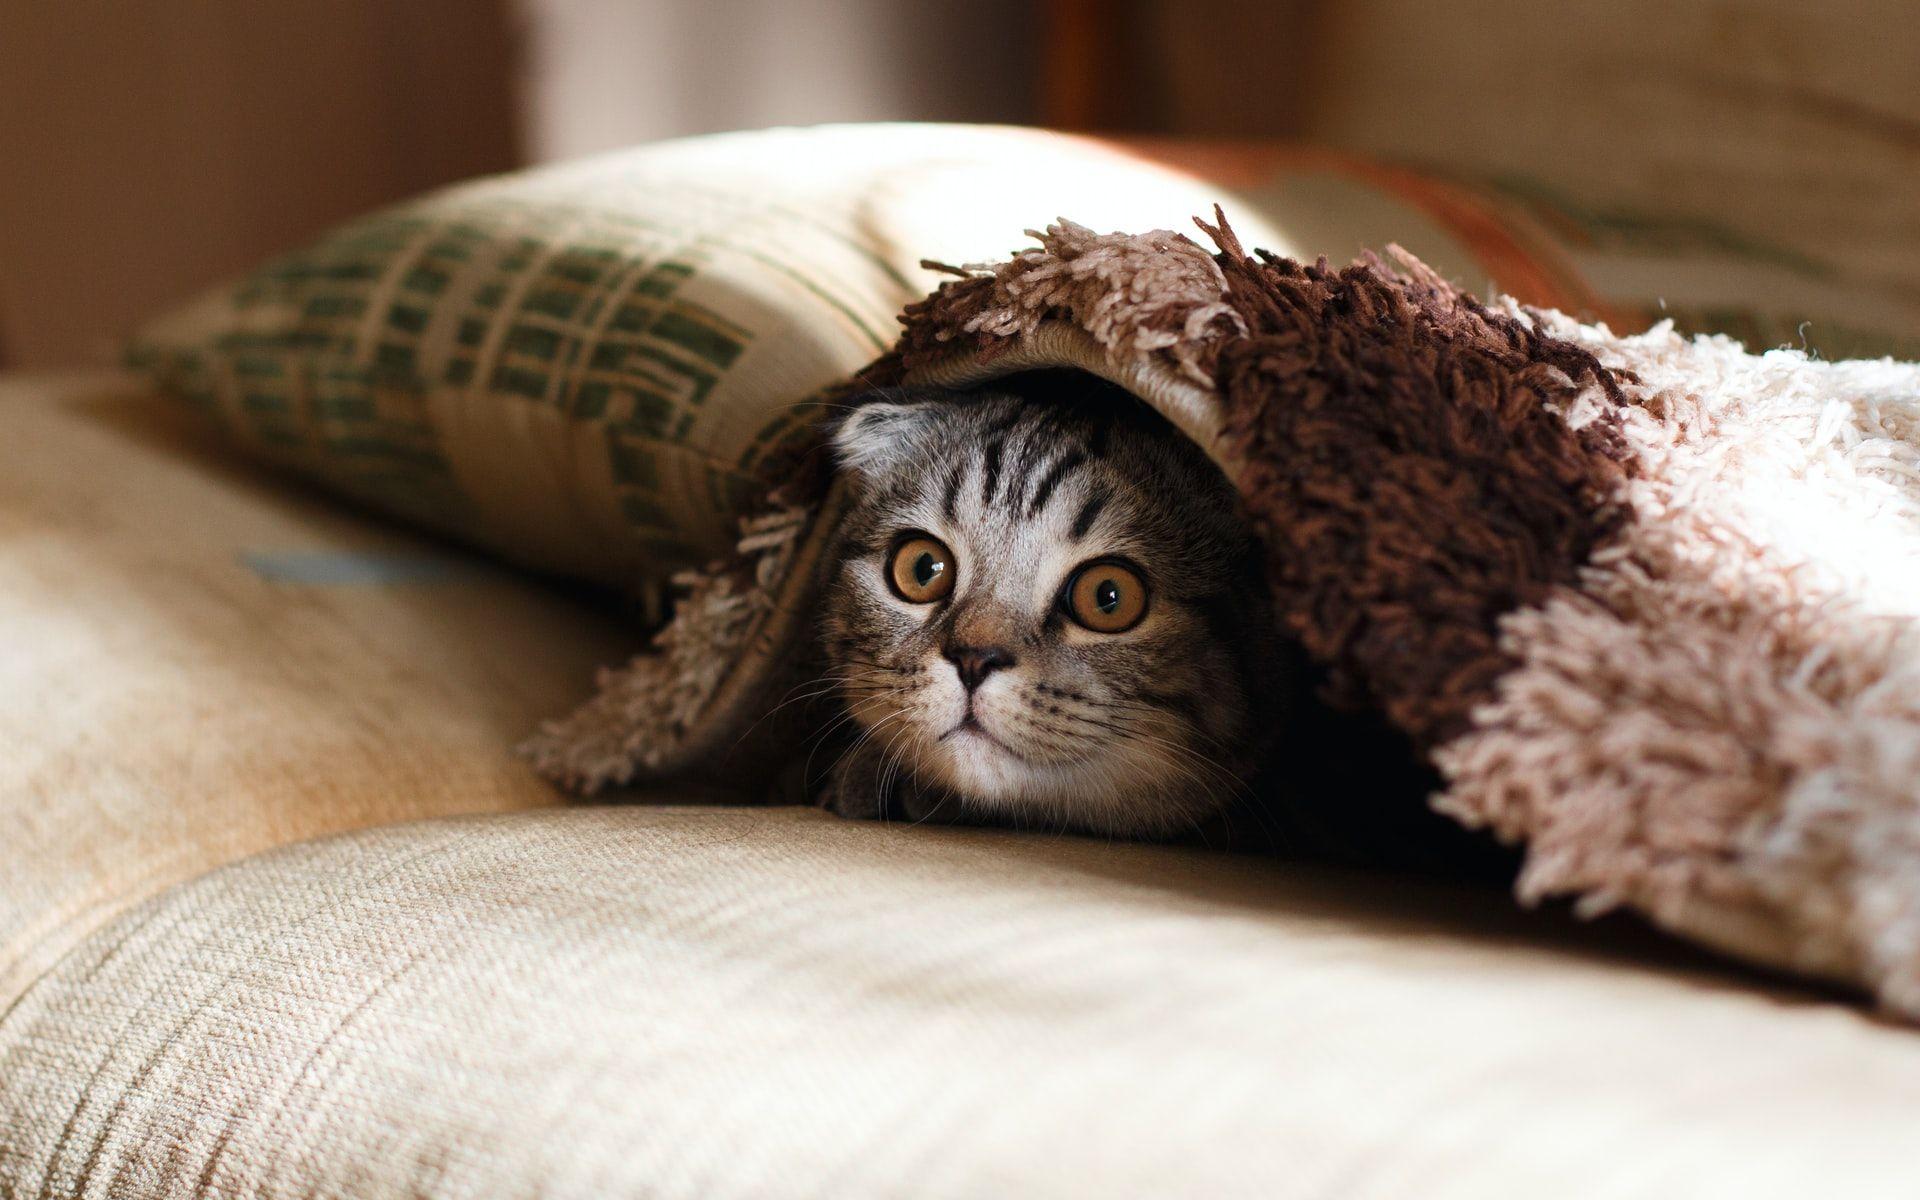 8 Cara Mudah Menghilangkan Kutu Kucing, Bahan-Bahannya Mudah Dicari